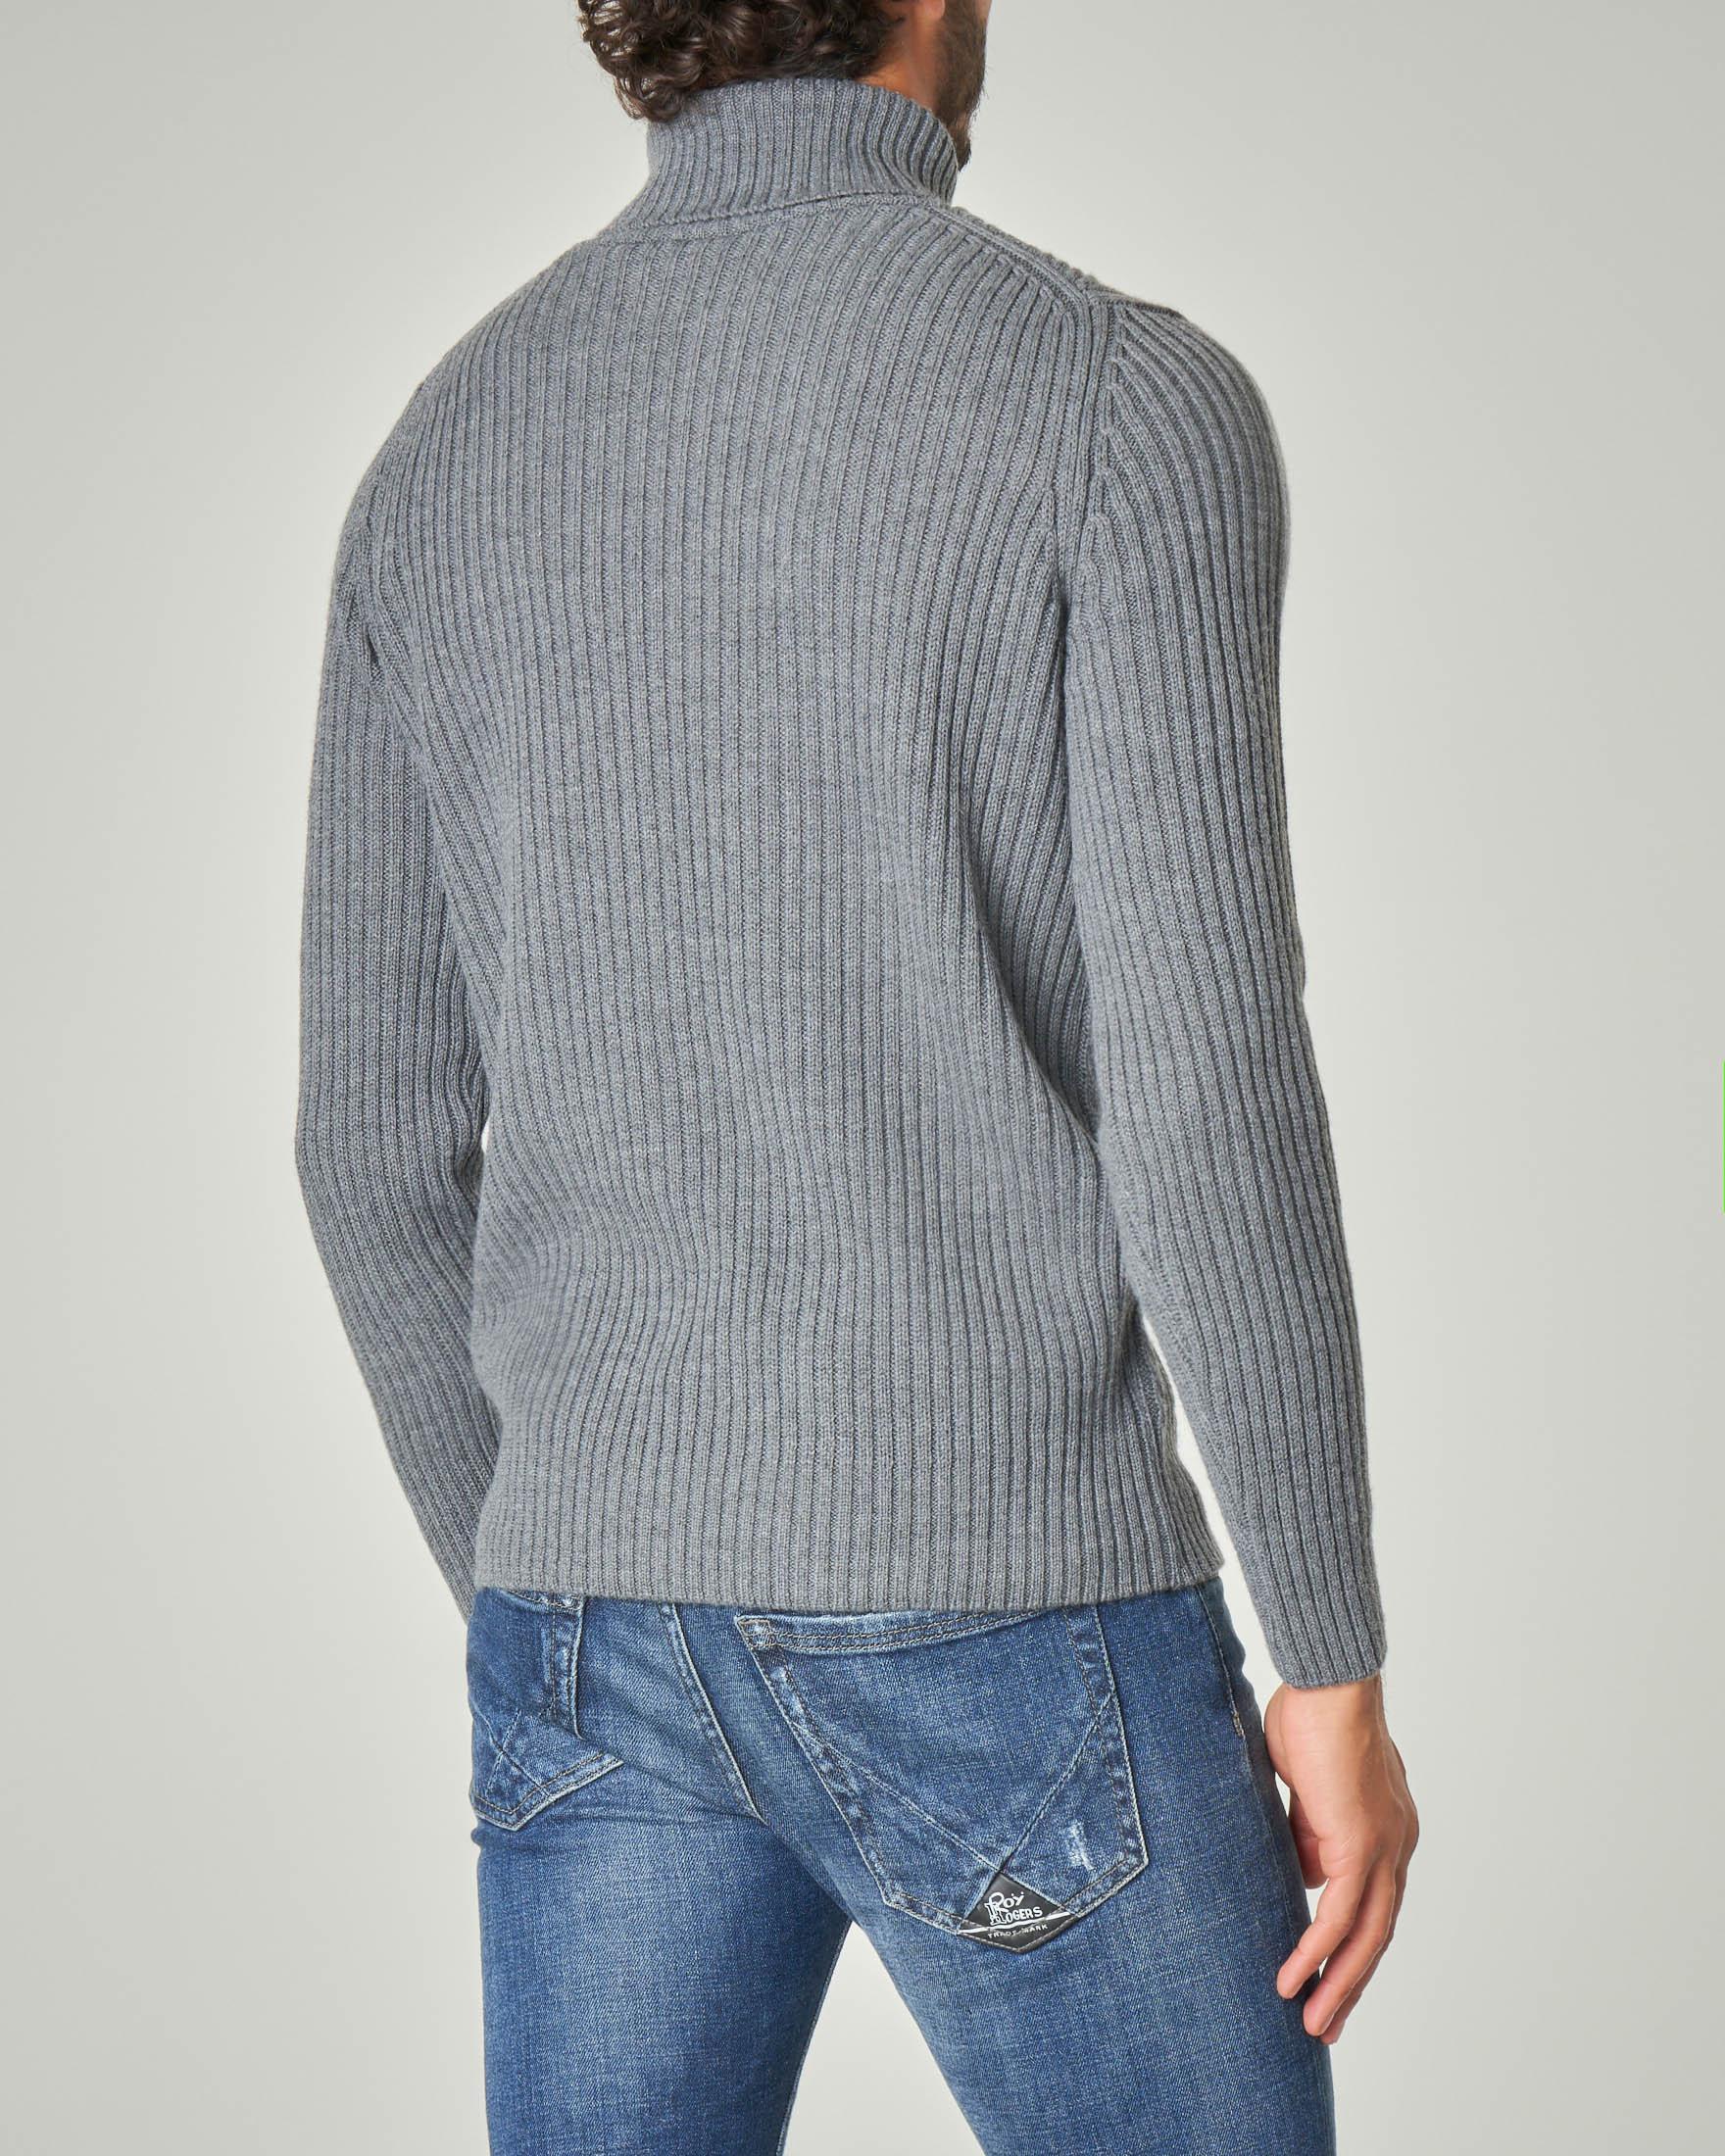 Dolcevita grigio in misto lana merino a coste